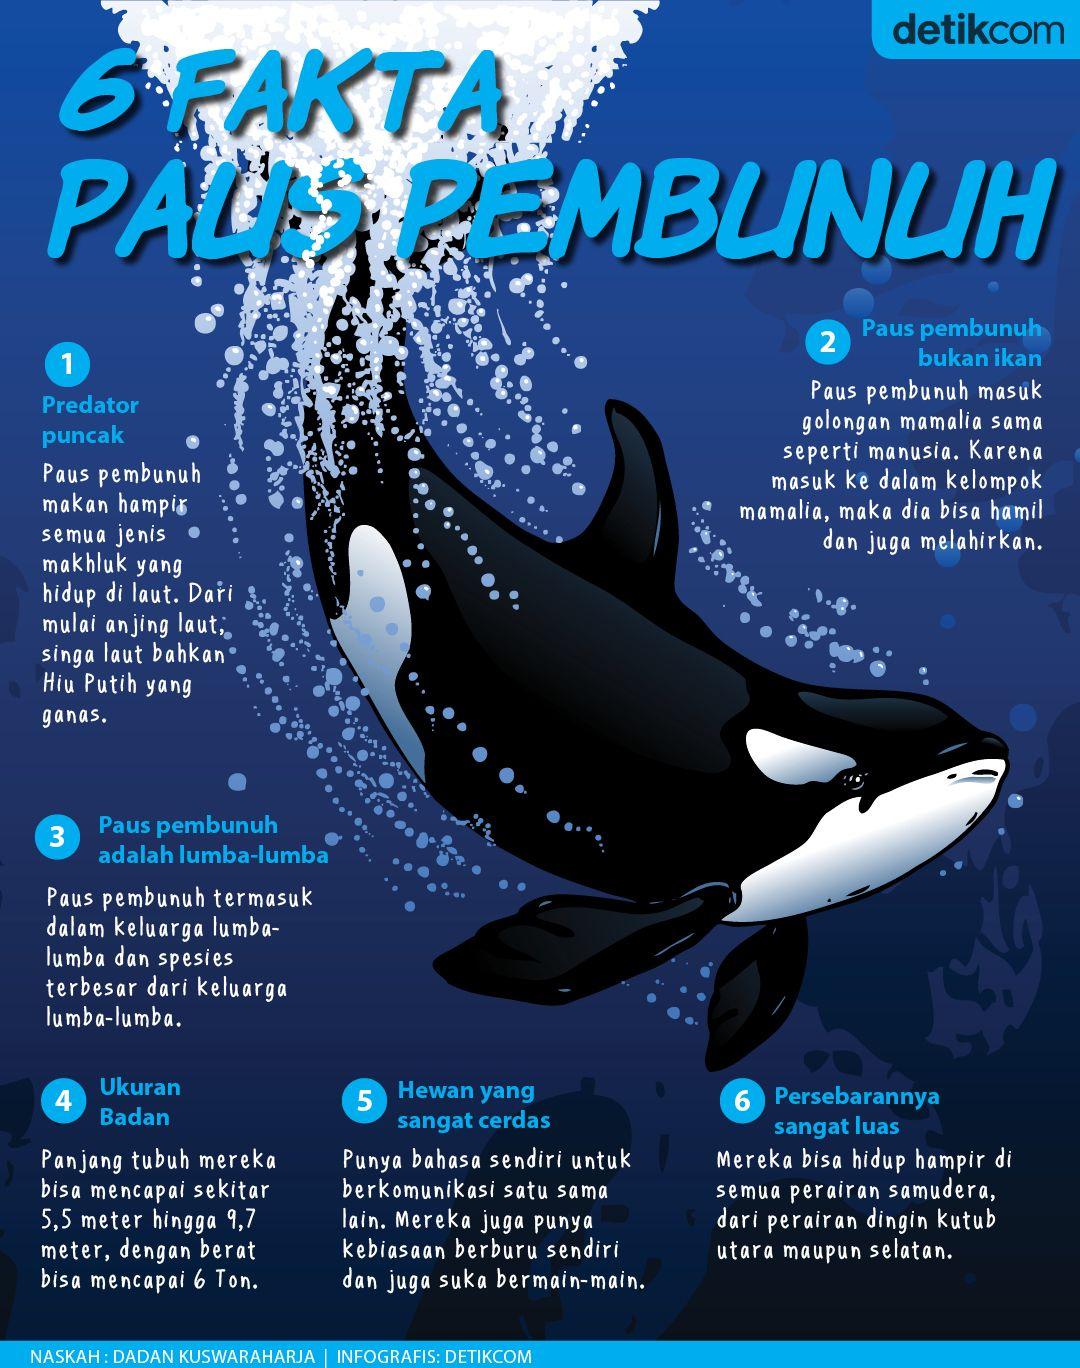 Paus Pembunuh terlihat menampakkan diri di perairan Biak Numfor, Papua beberapa waktu lalu lalu. Berikut 6 fakta tentang paus pembunuh yang viral itu dalam infografis detikTravel.